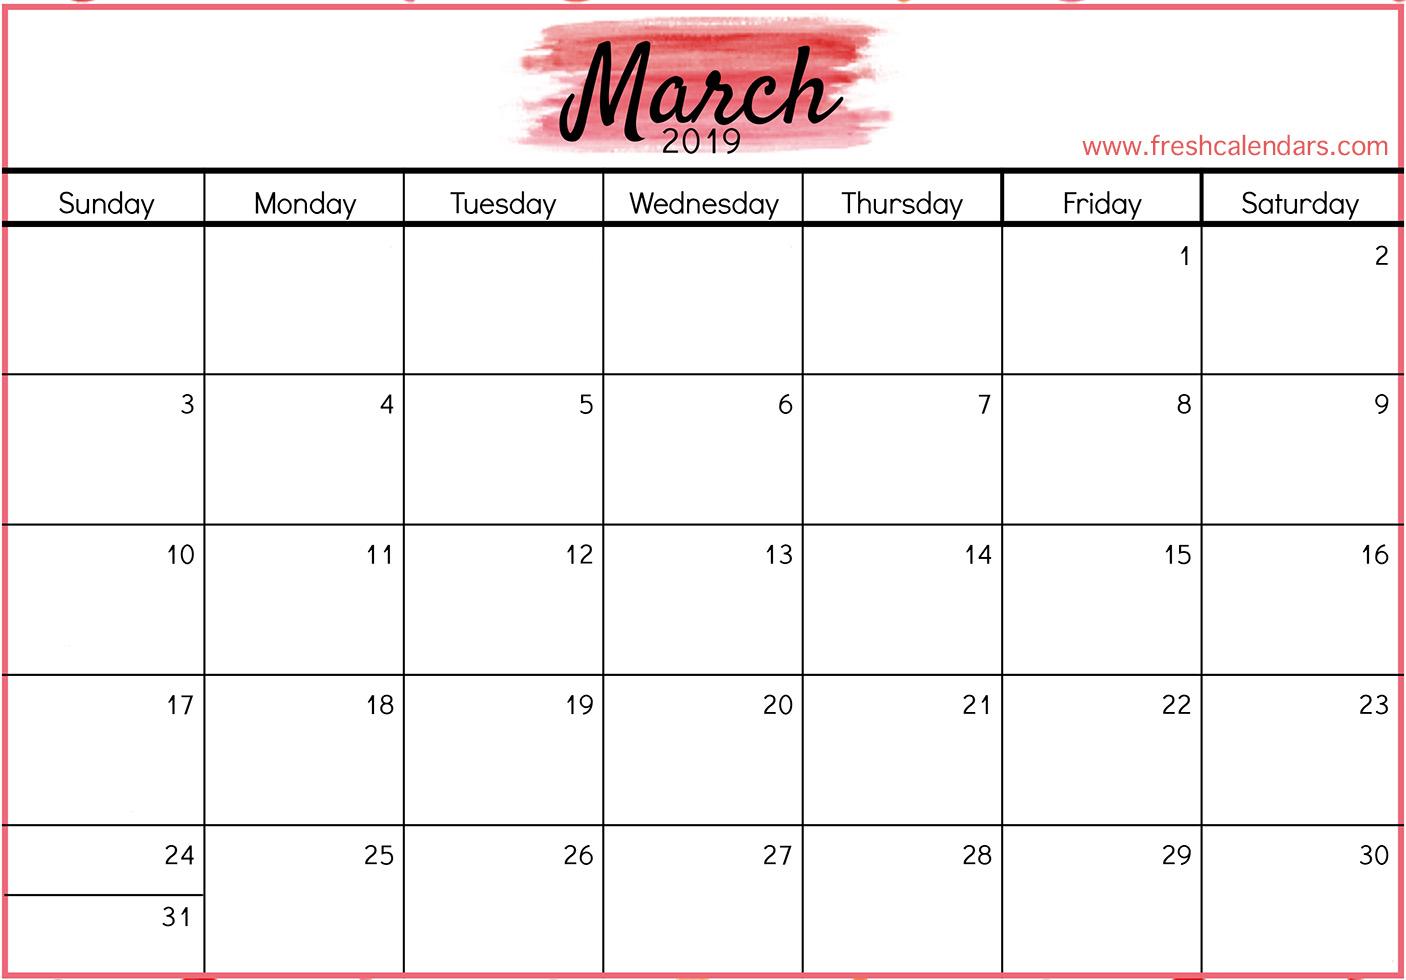 March 2019 Calendar Printable Templates